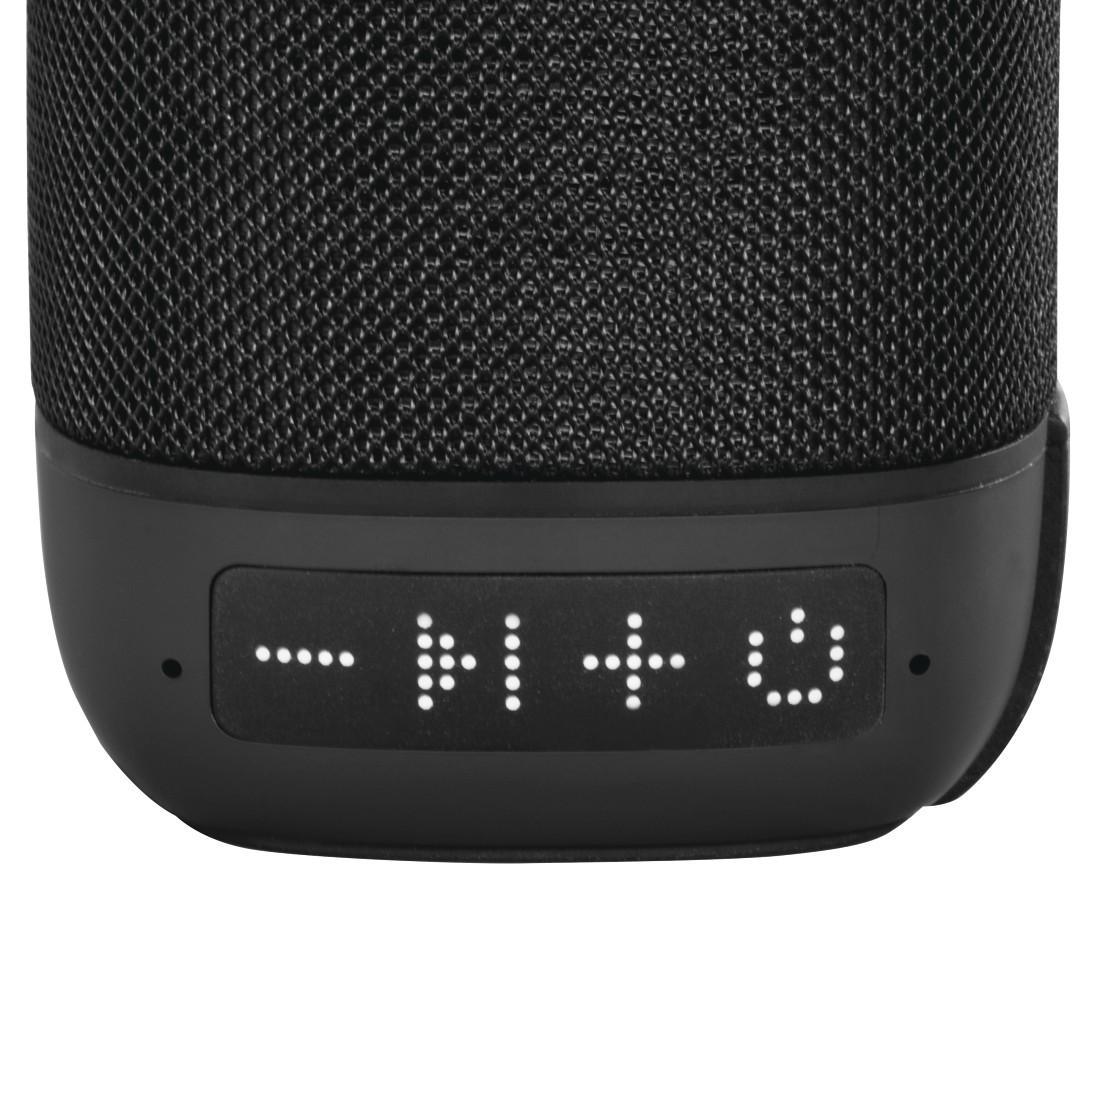 Безжична смарт тонколона HAMA Tube 2.0, Bluetooth, 3.5mm жак, 3W, Черен-4